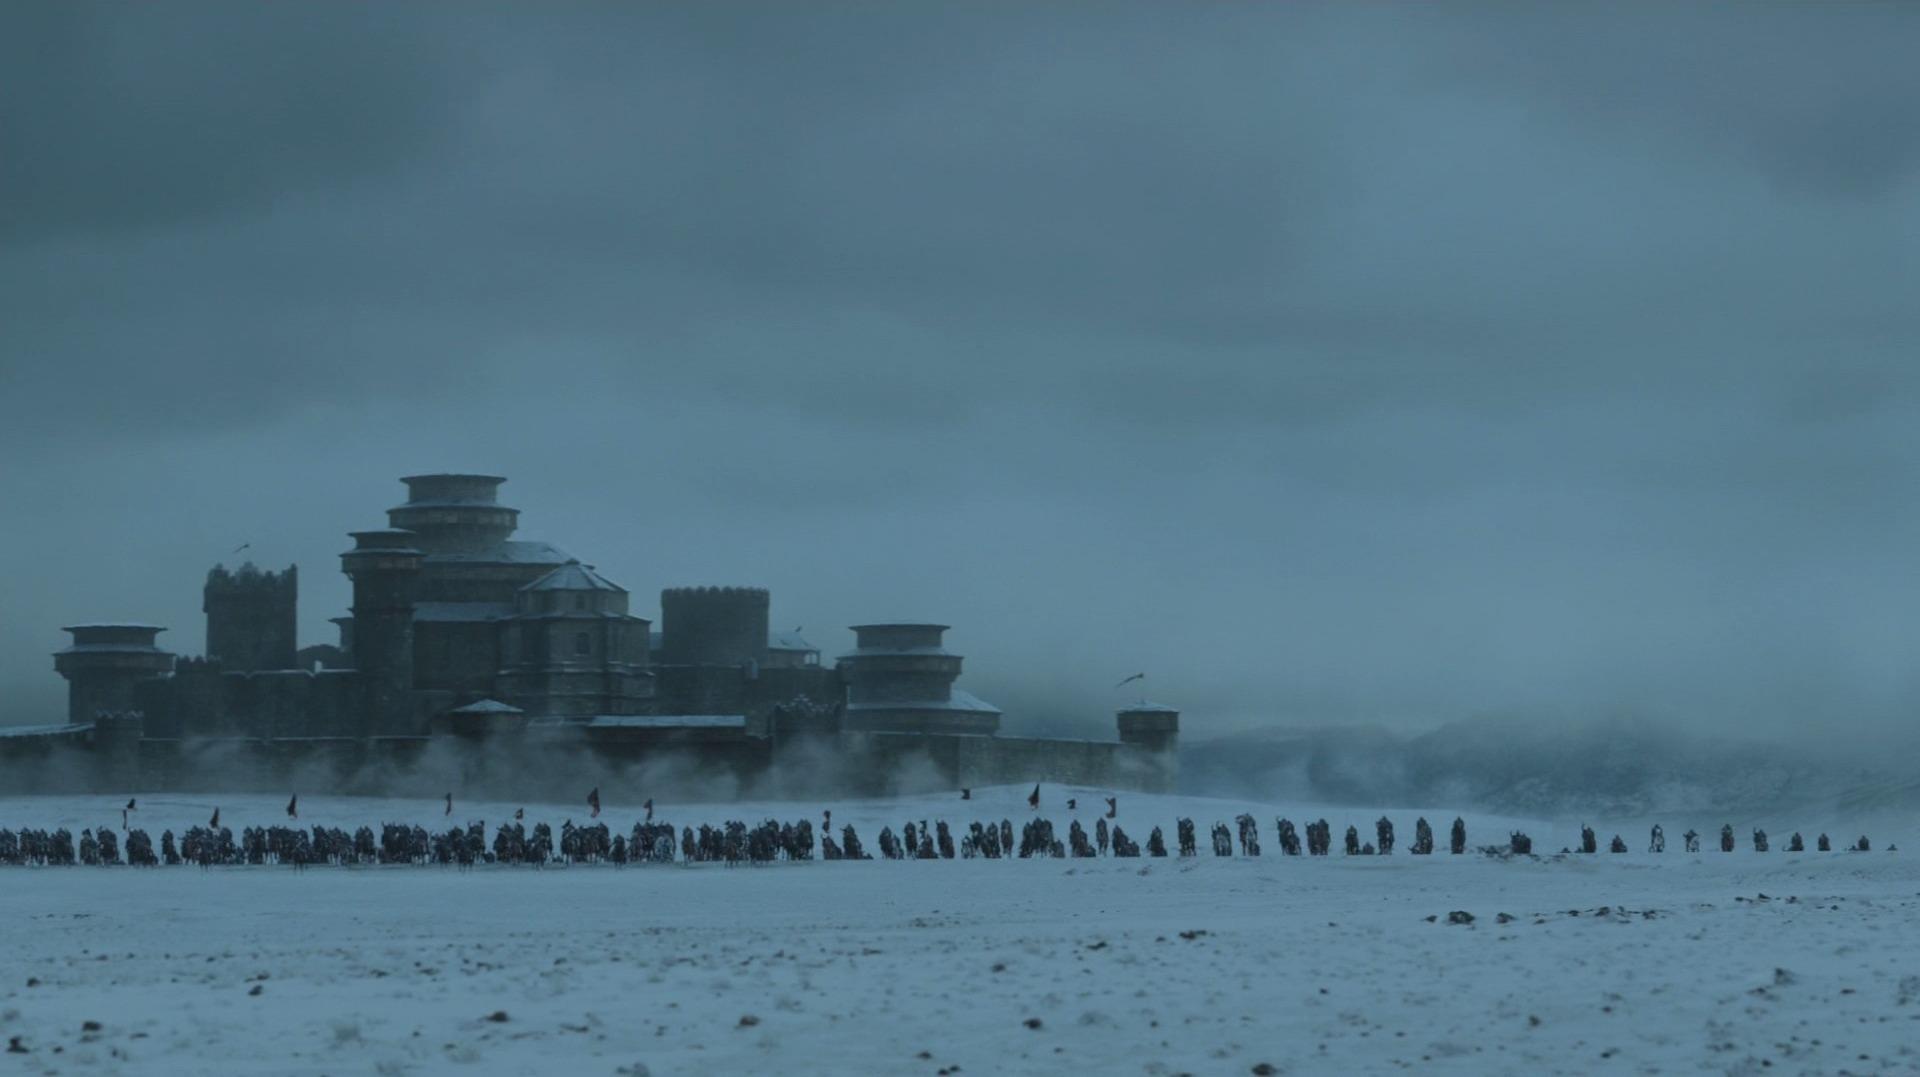 ¿Qué pasaría si el invierno durara muchos años como en Game of Thrones?